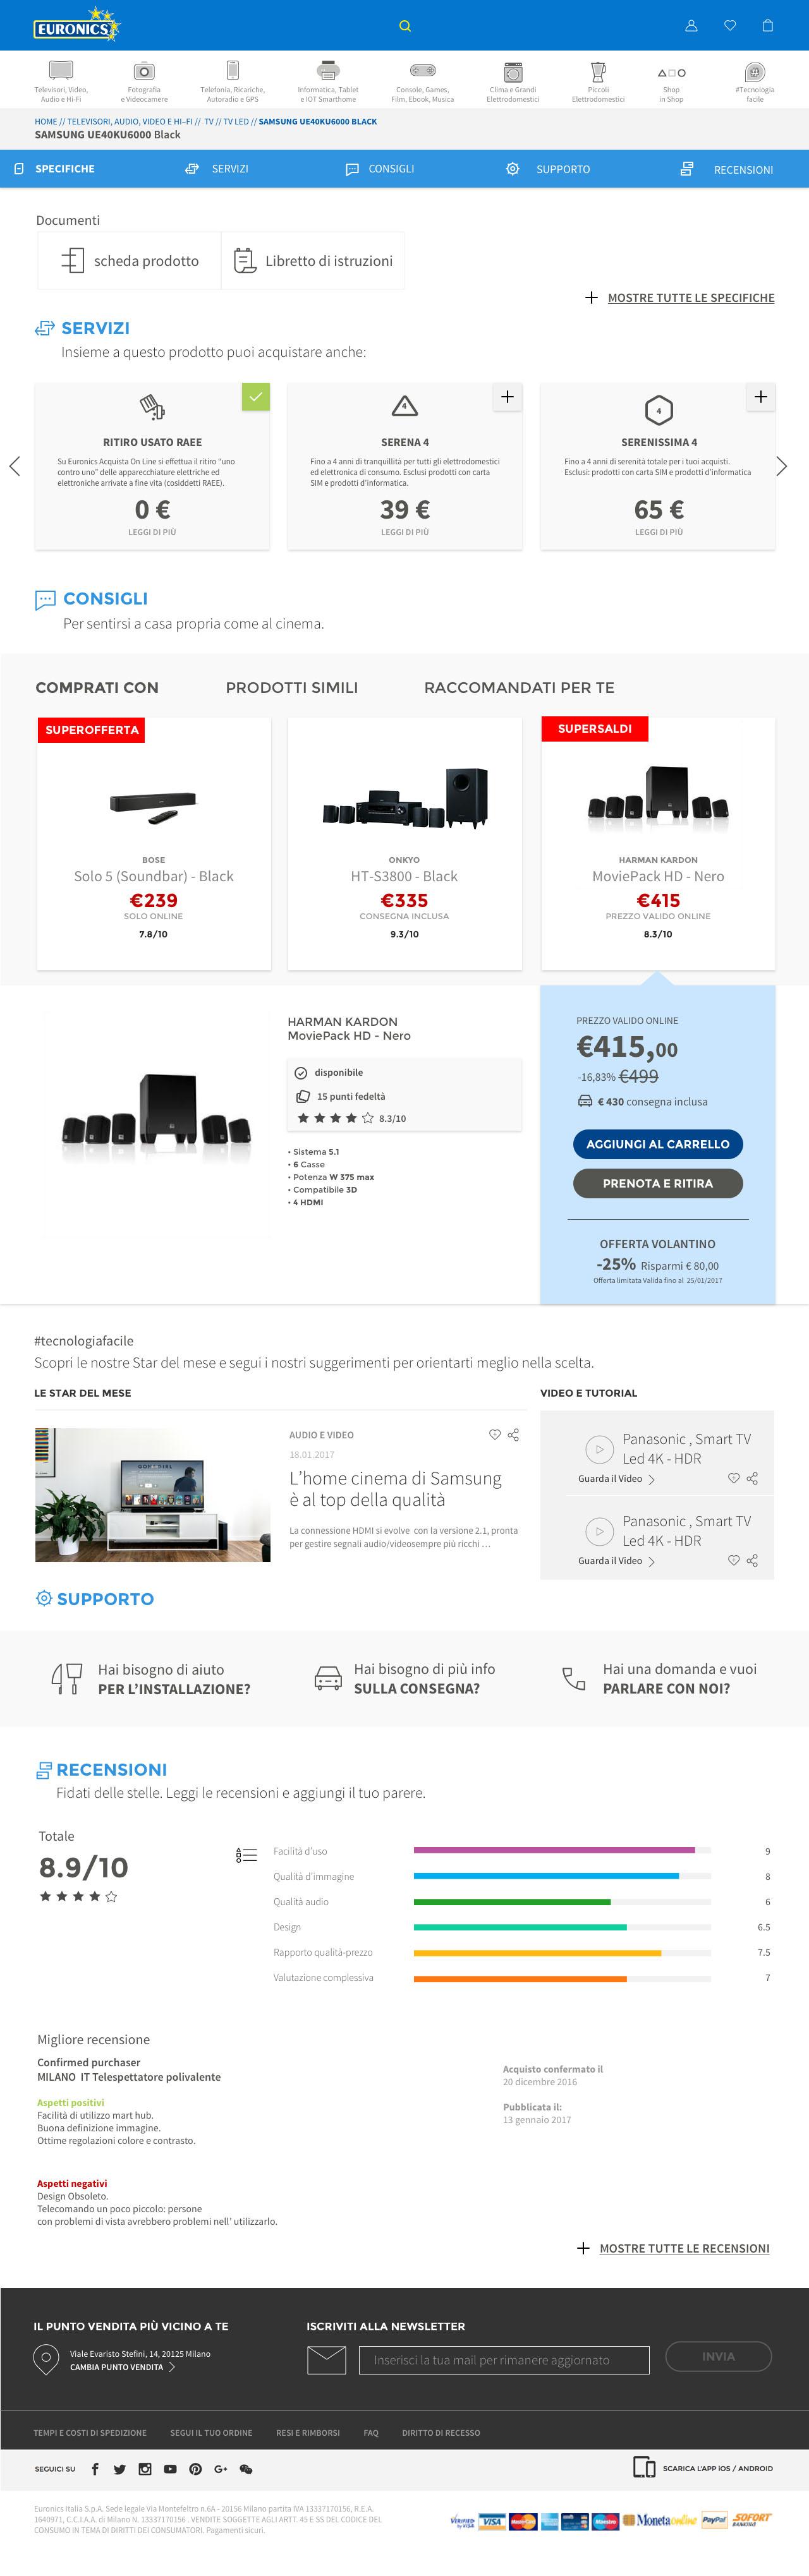 Pagina prodotto espanso + menu sticky.jpg